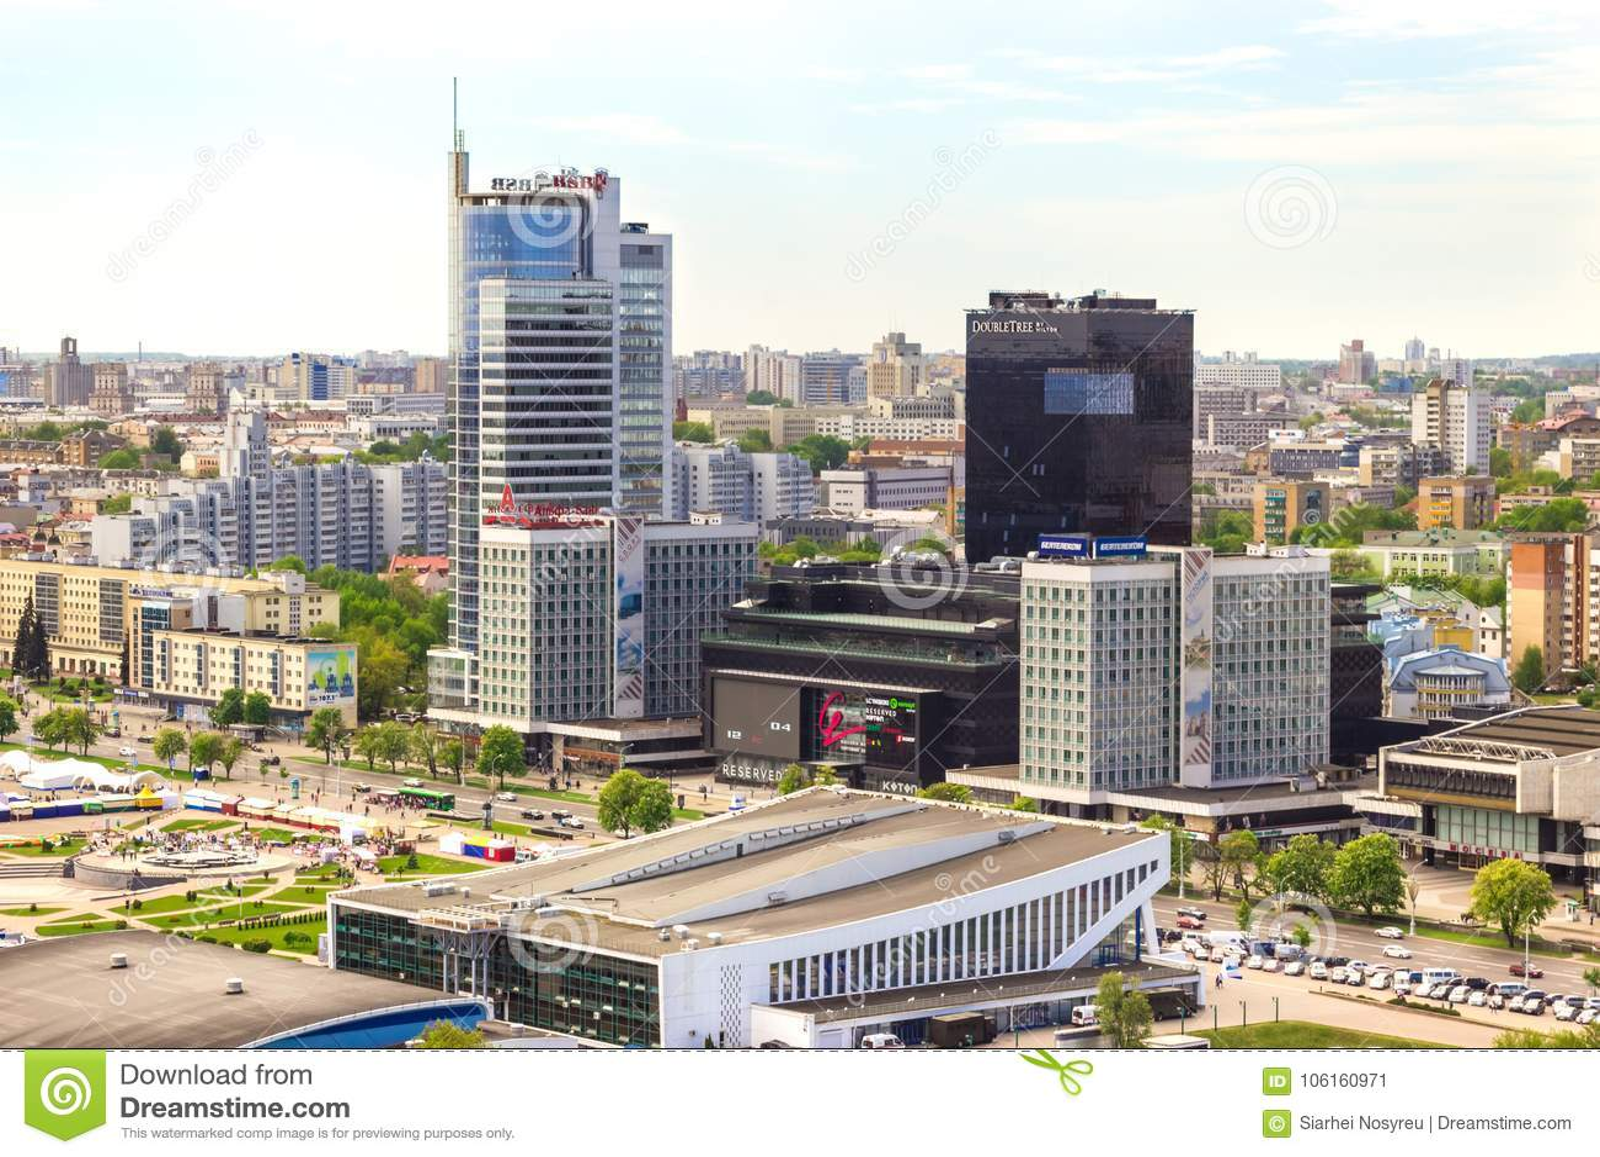 Flyg- sikt av den kungliga plazaen, galleri, hotell Doubletree vid Hilton, banker, slott av sportar Vitryssland Minsk, Nemiga, Ma